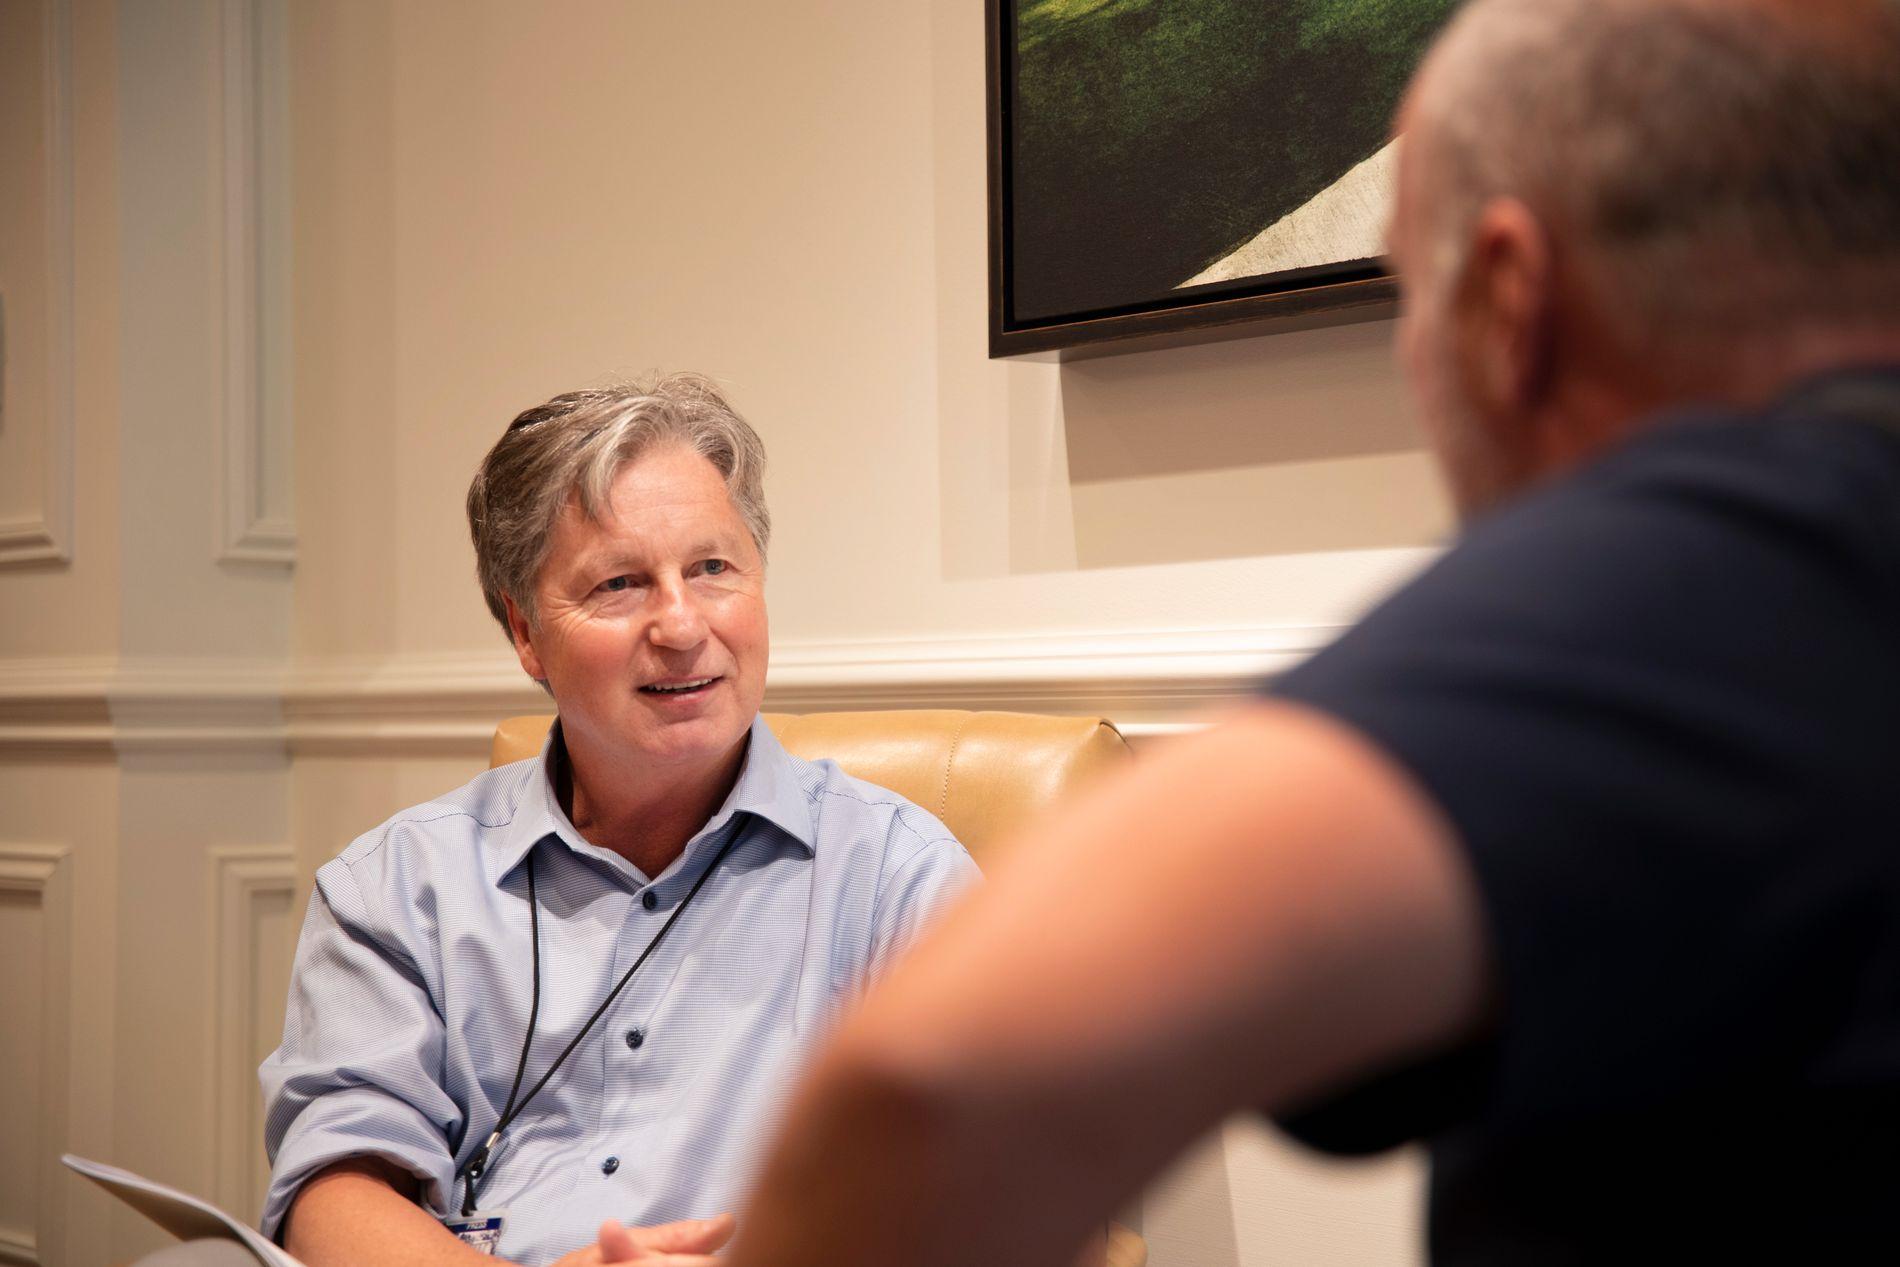 MØTTE VG: Brandel Chamblee snakker med VGs USA-korrespondent Robert Simsø